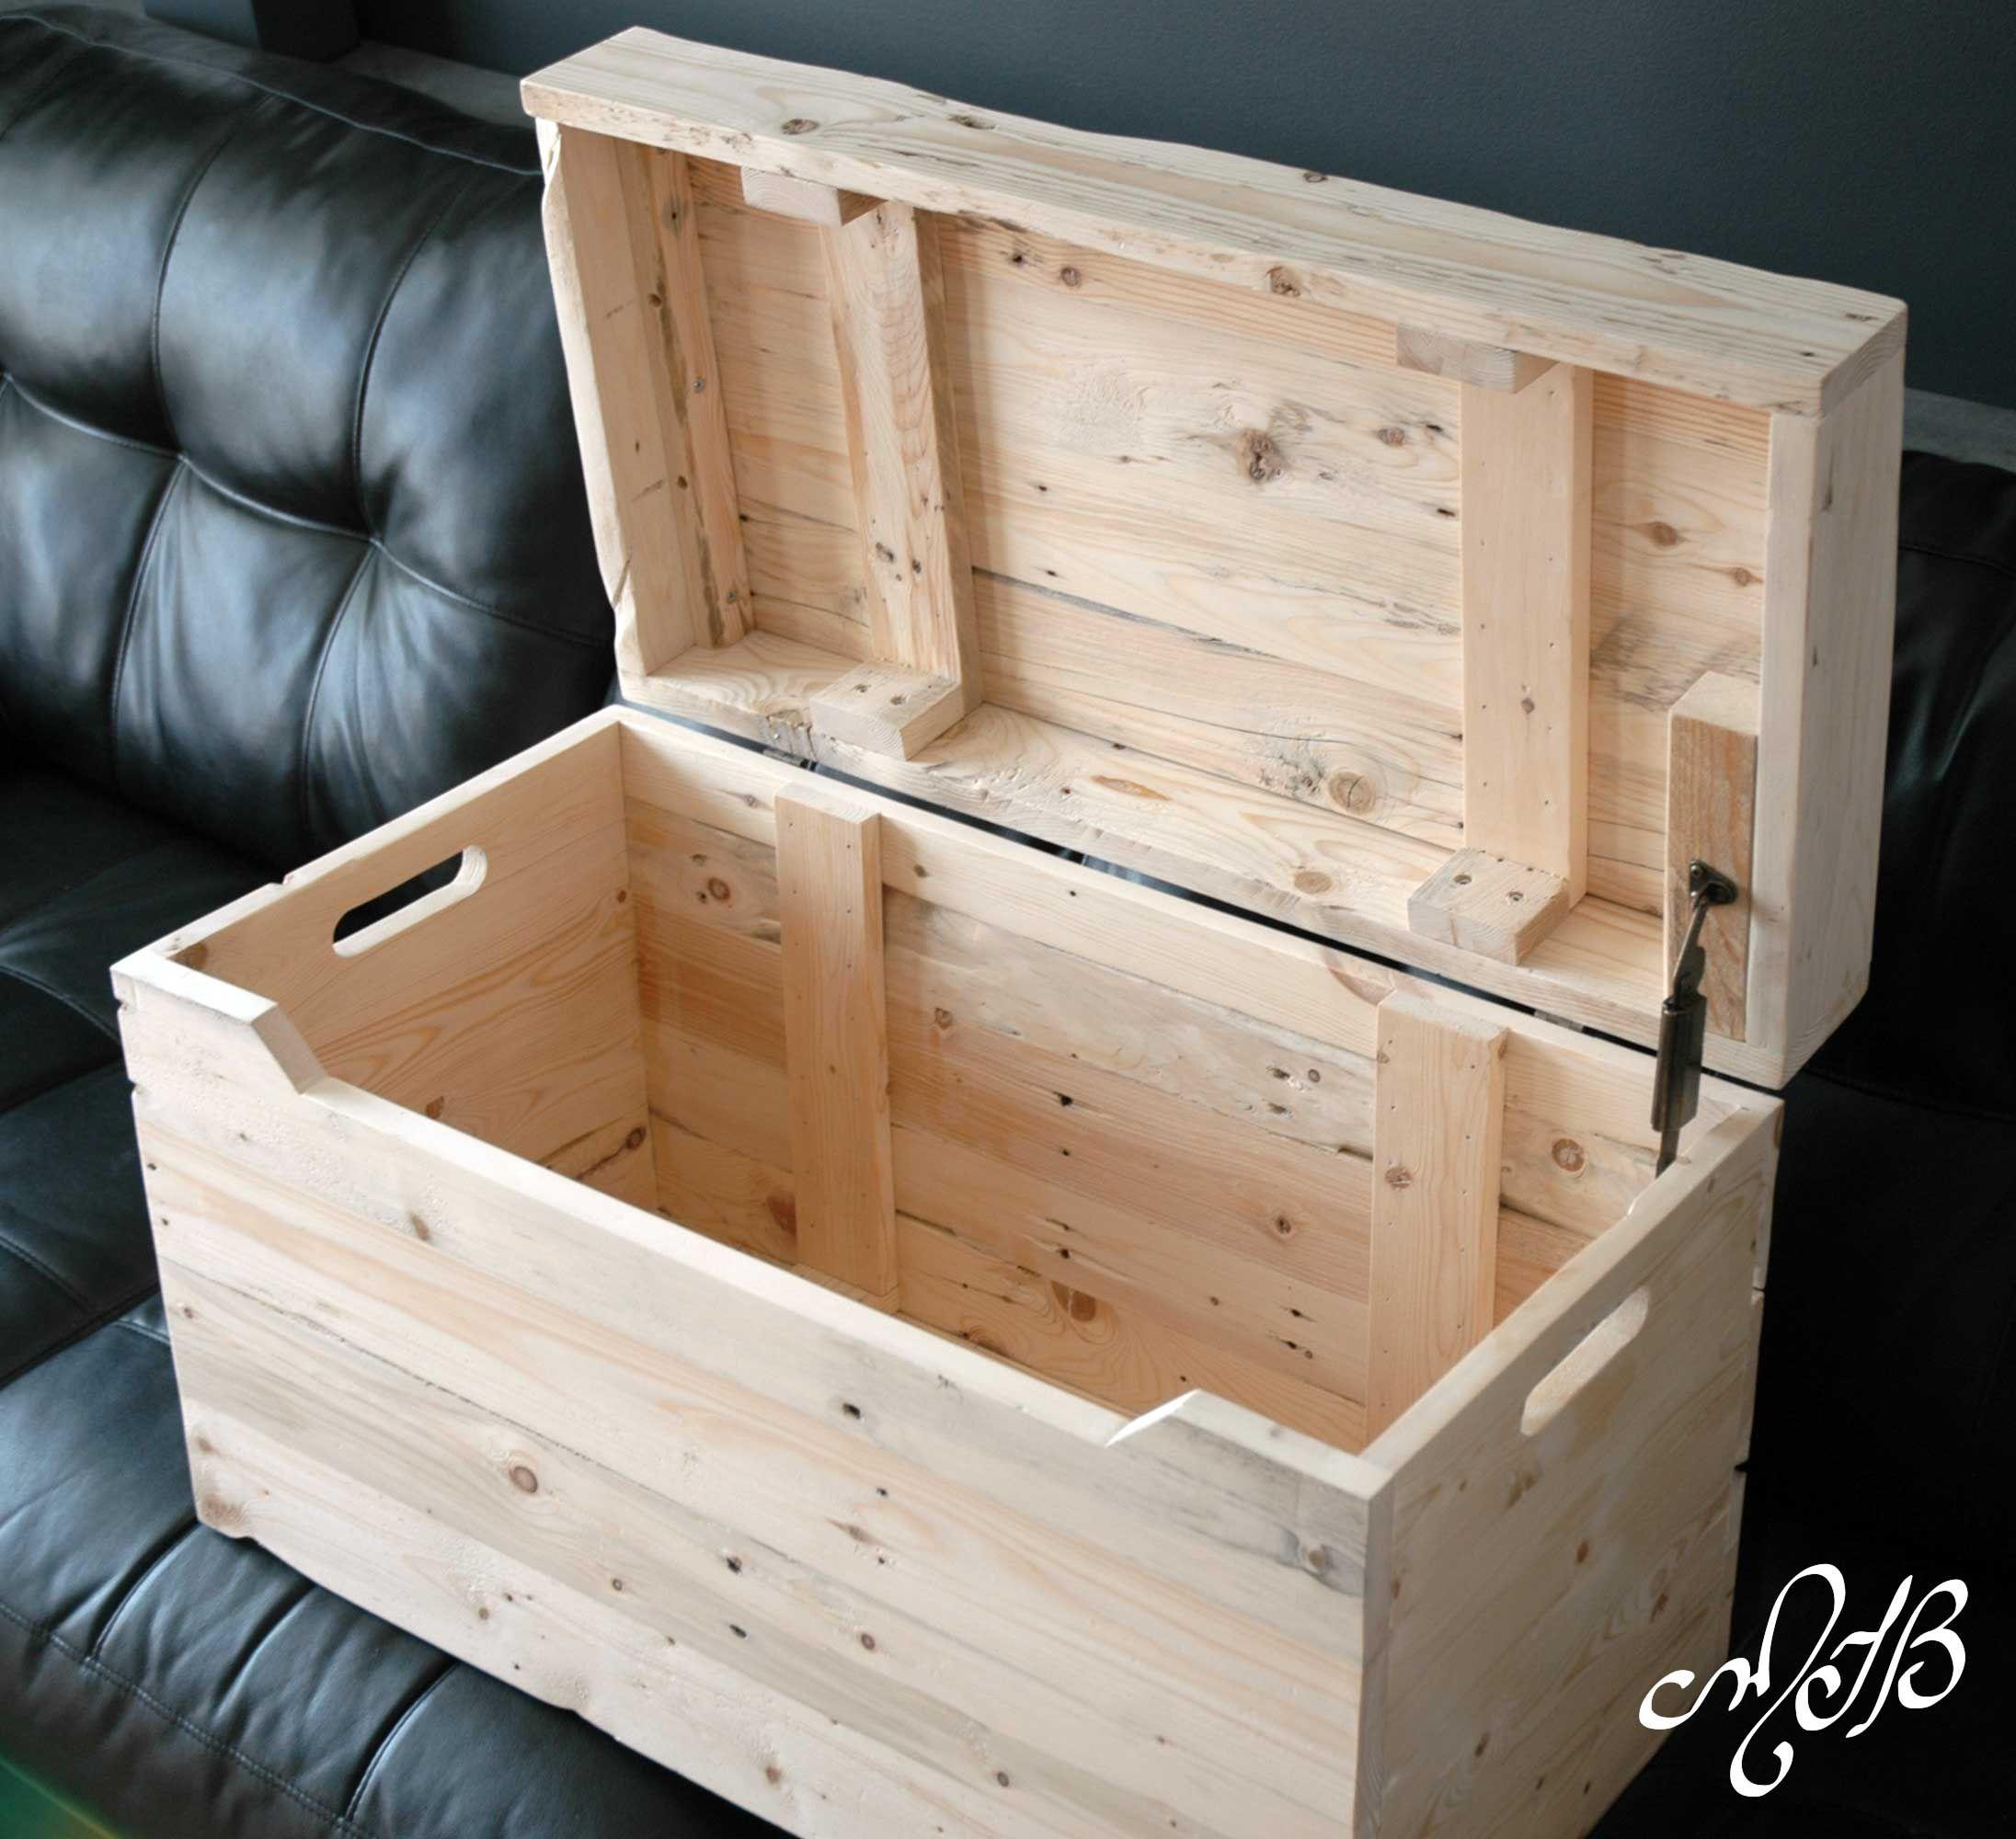 Coffre Jouet Pour Enfant Fait De Bois Recycl Bois De Palette  ~ Comment Fabriquer Un Coffre En Bois